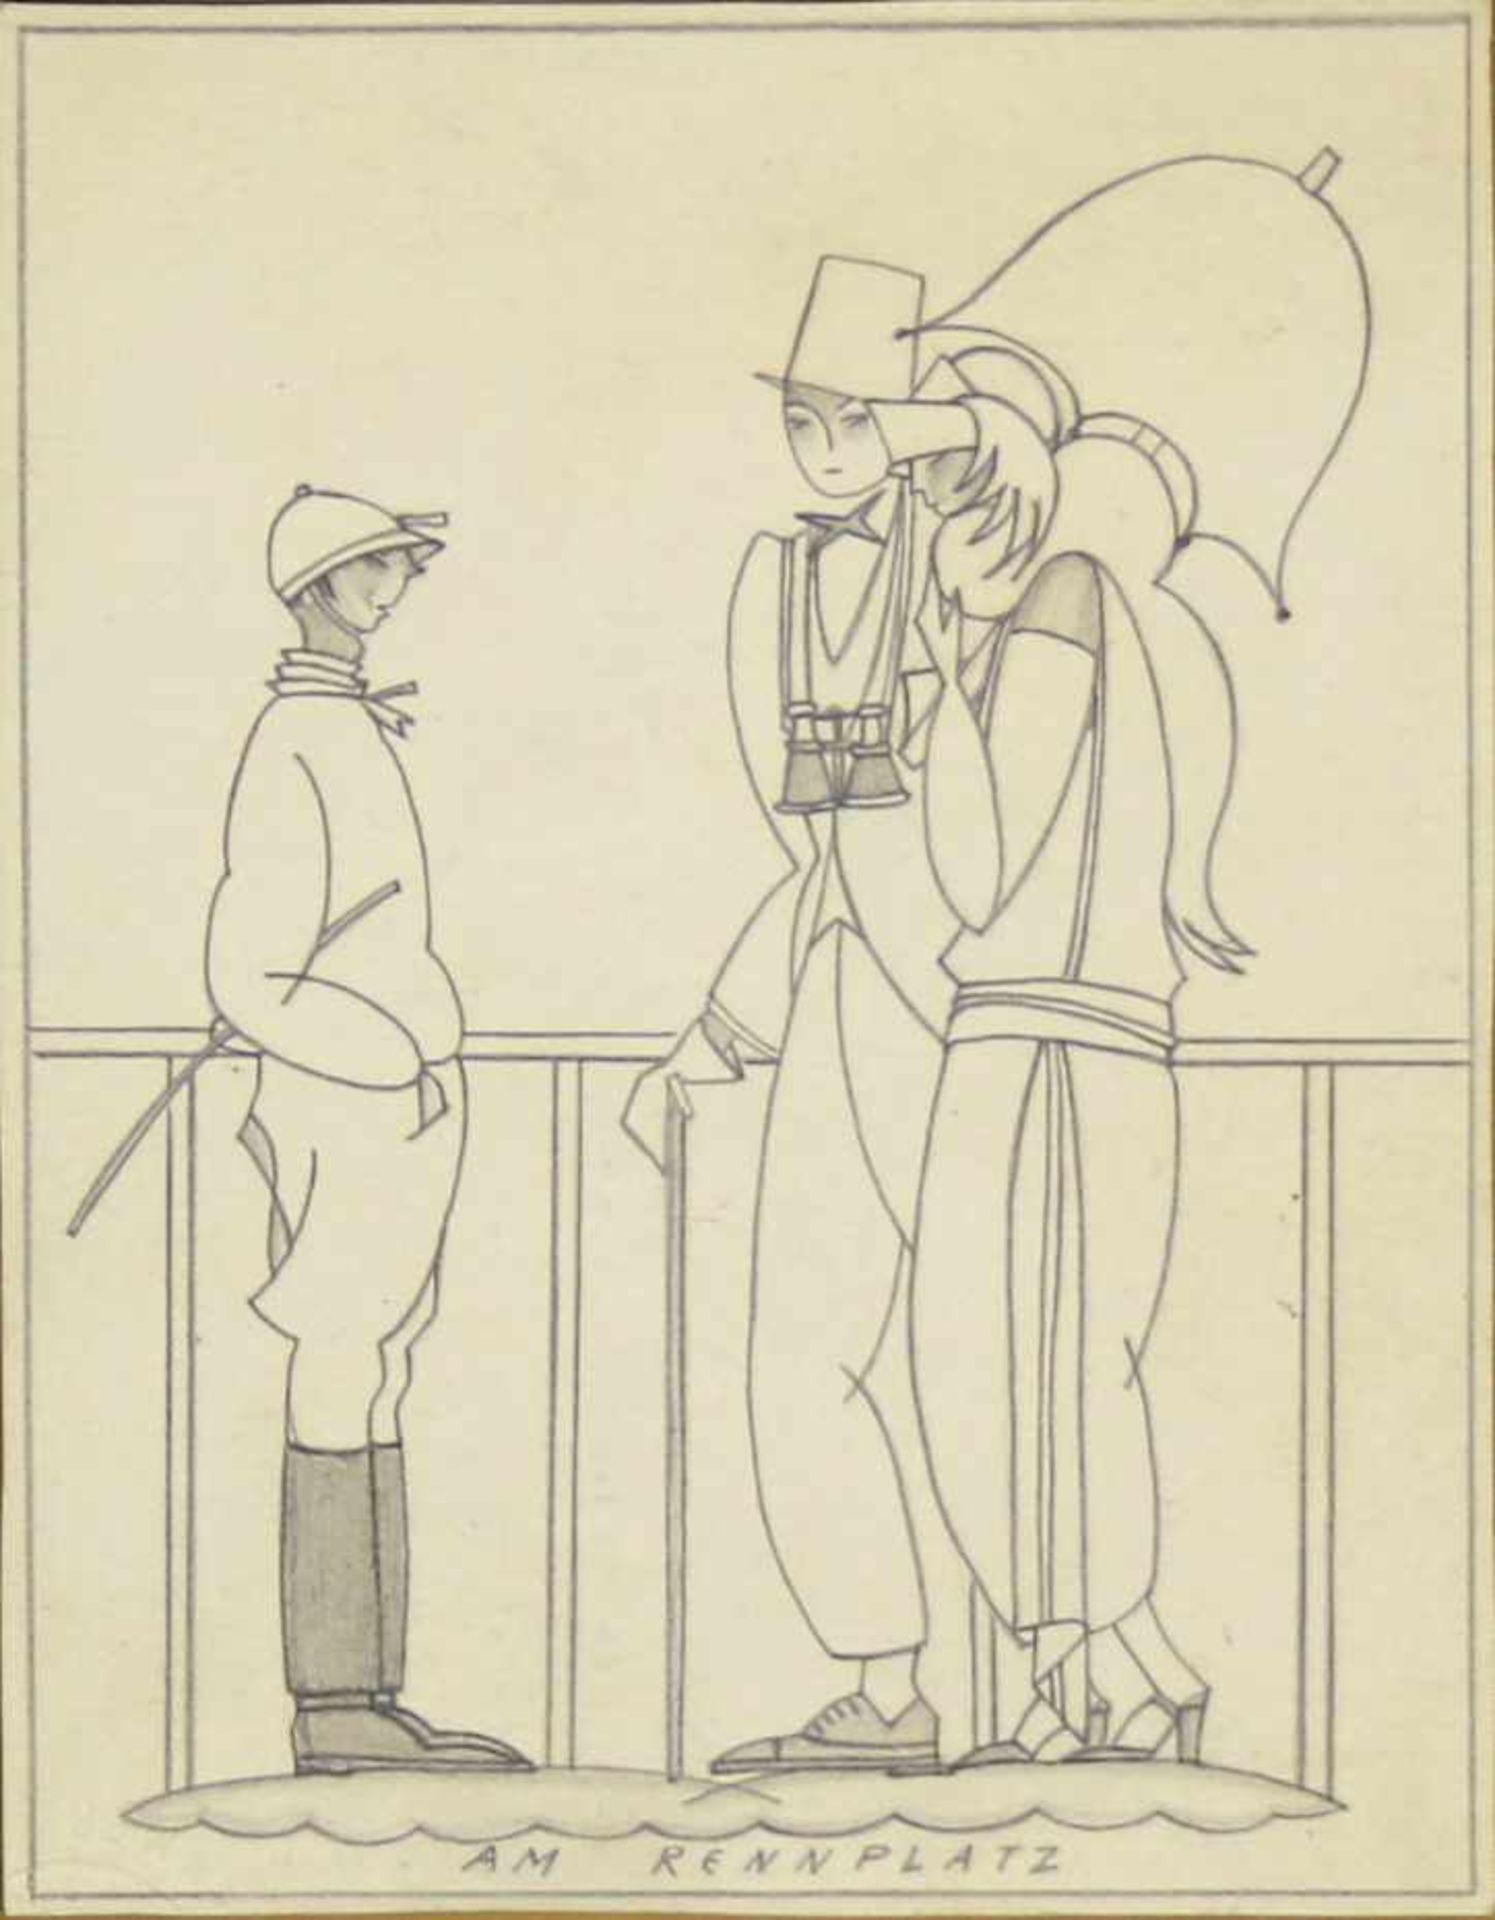 Grete Jelinek-Wiglitzki Konvolut aus 3 Zeichnungen der Künstlerin um 1930 Graphit 3 Zeichnungen 15 x - Bild 6 aus 6